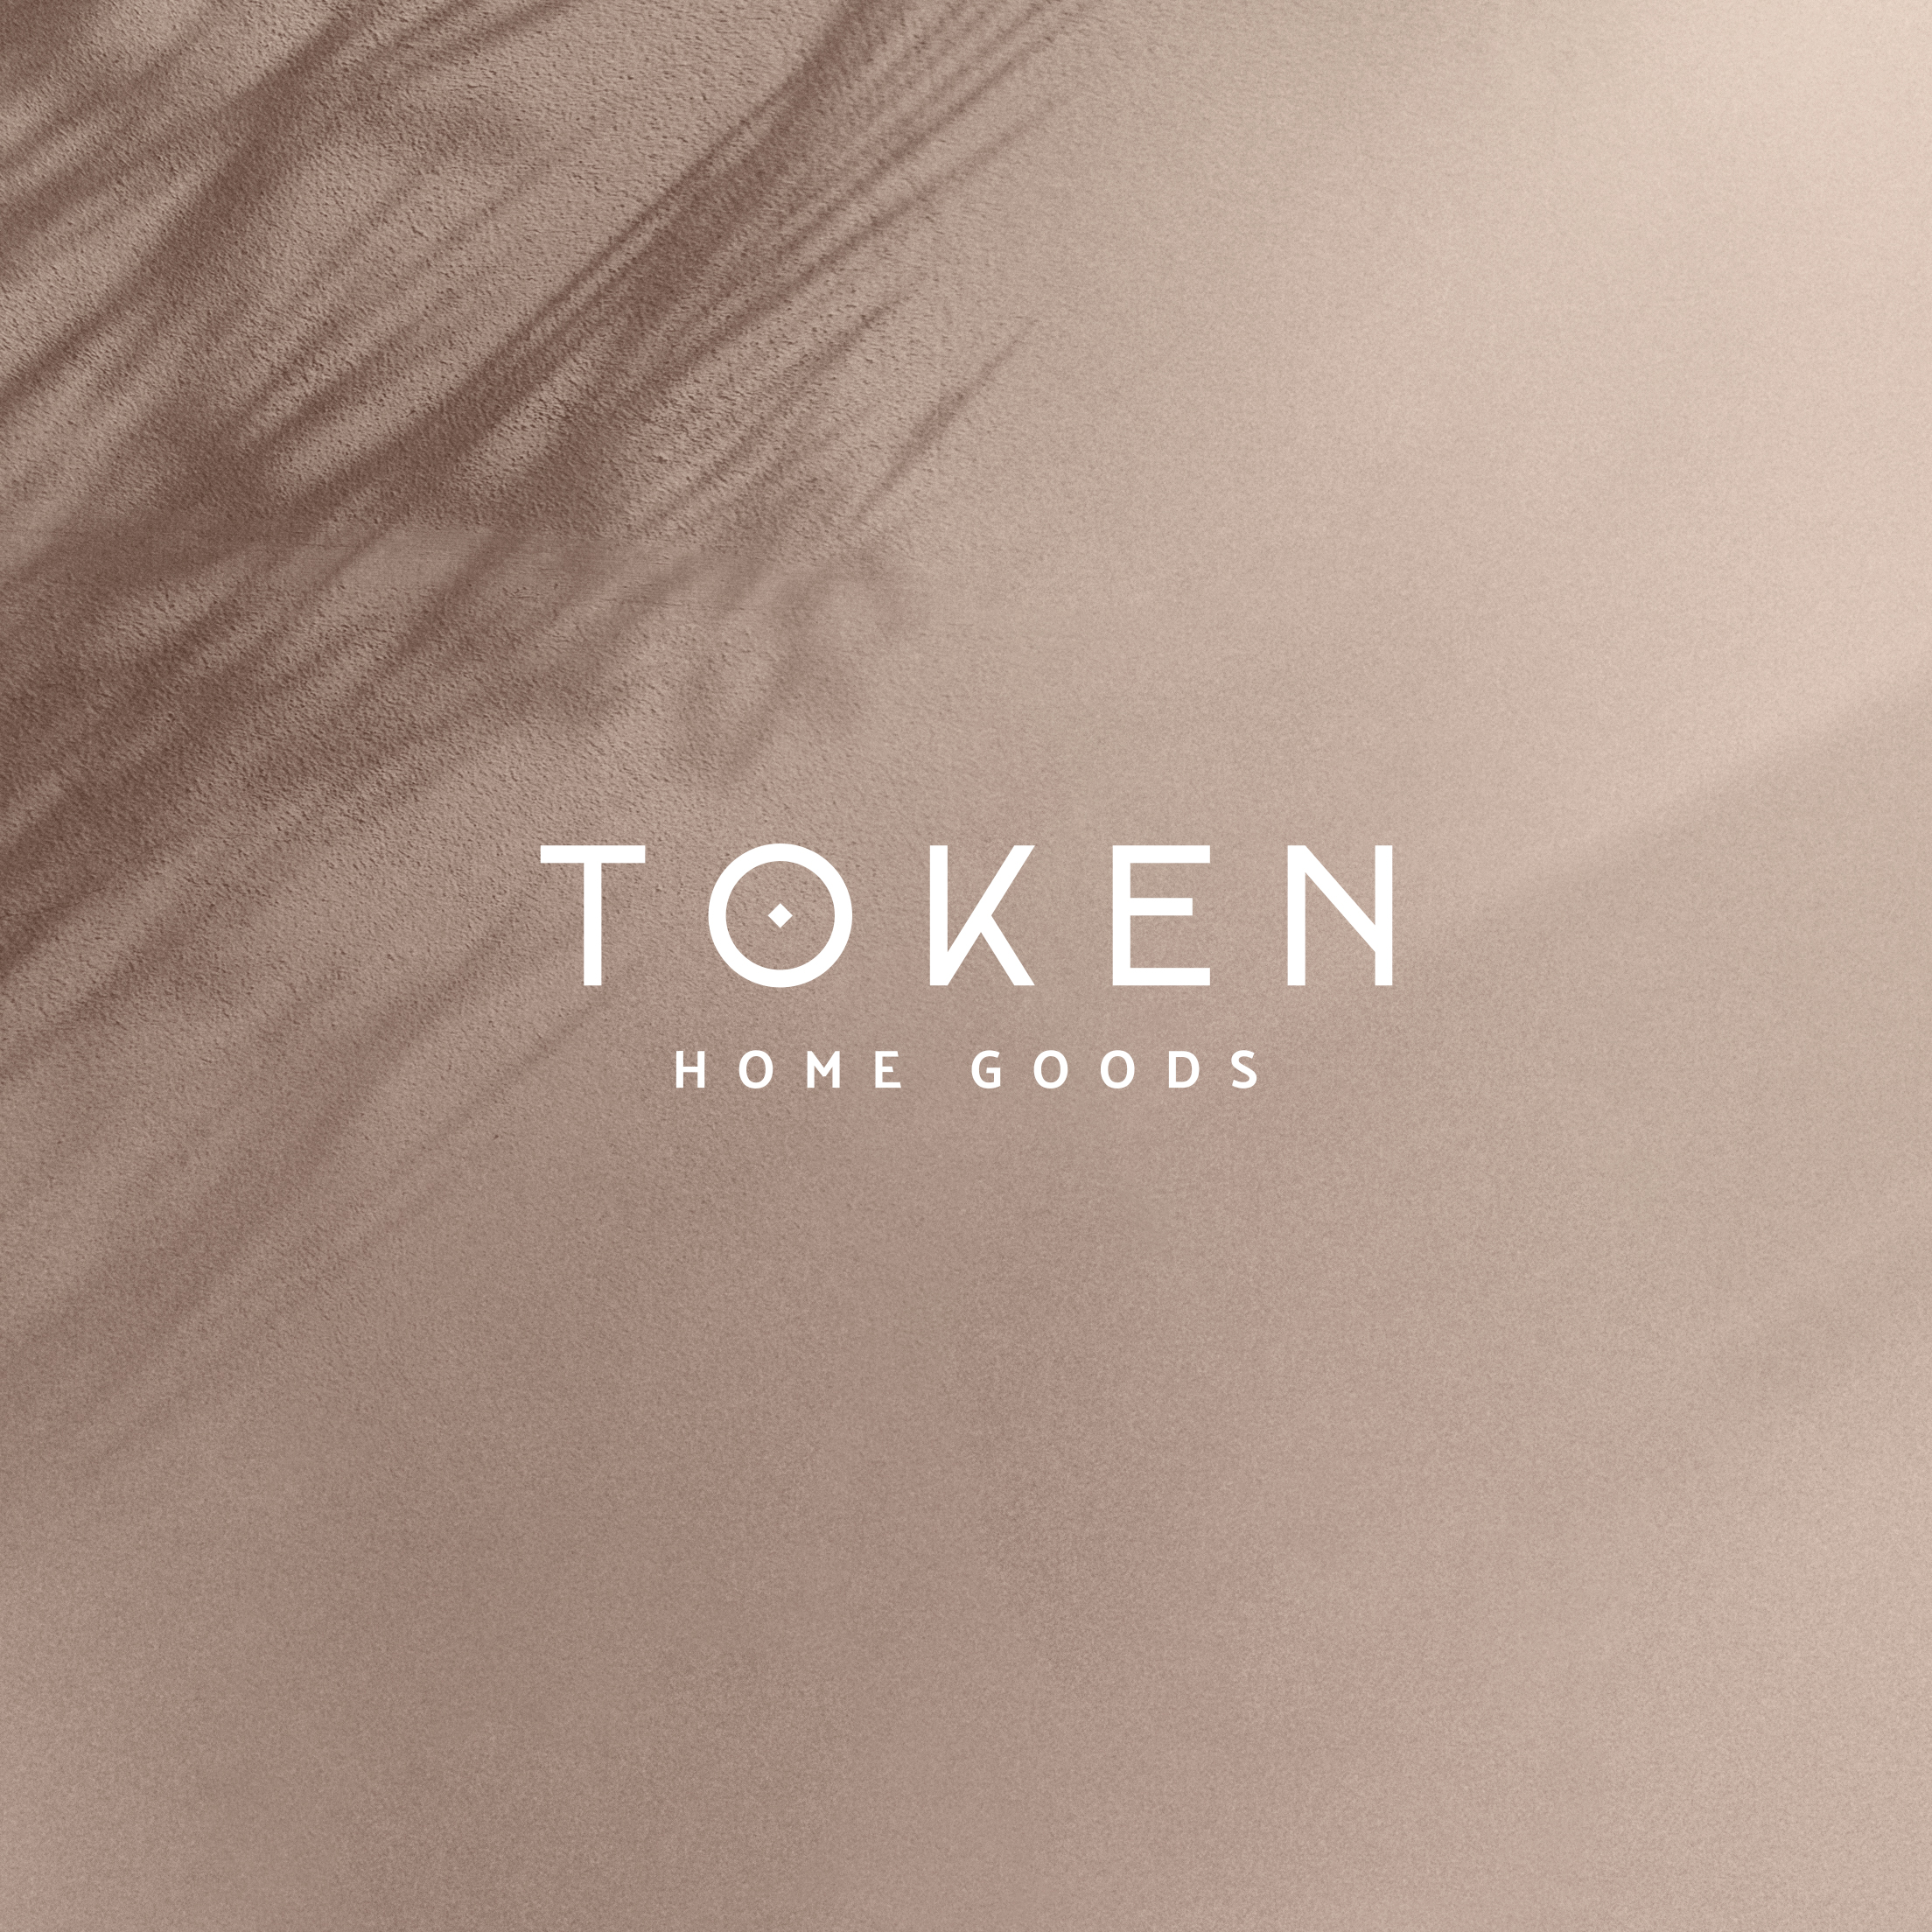 Token_tanbg